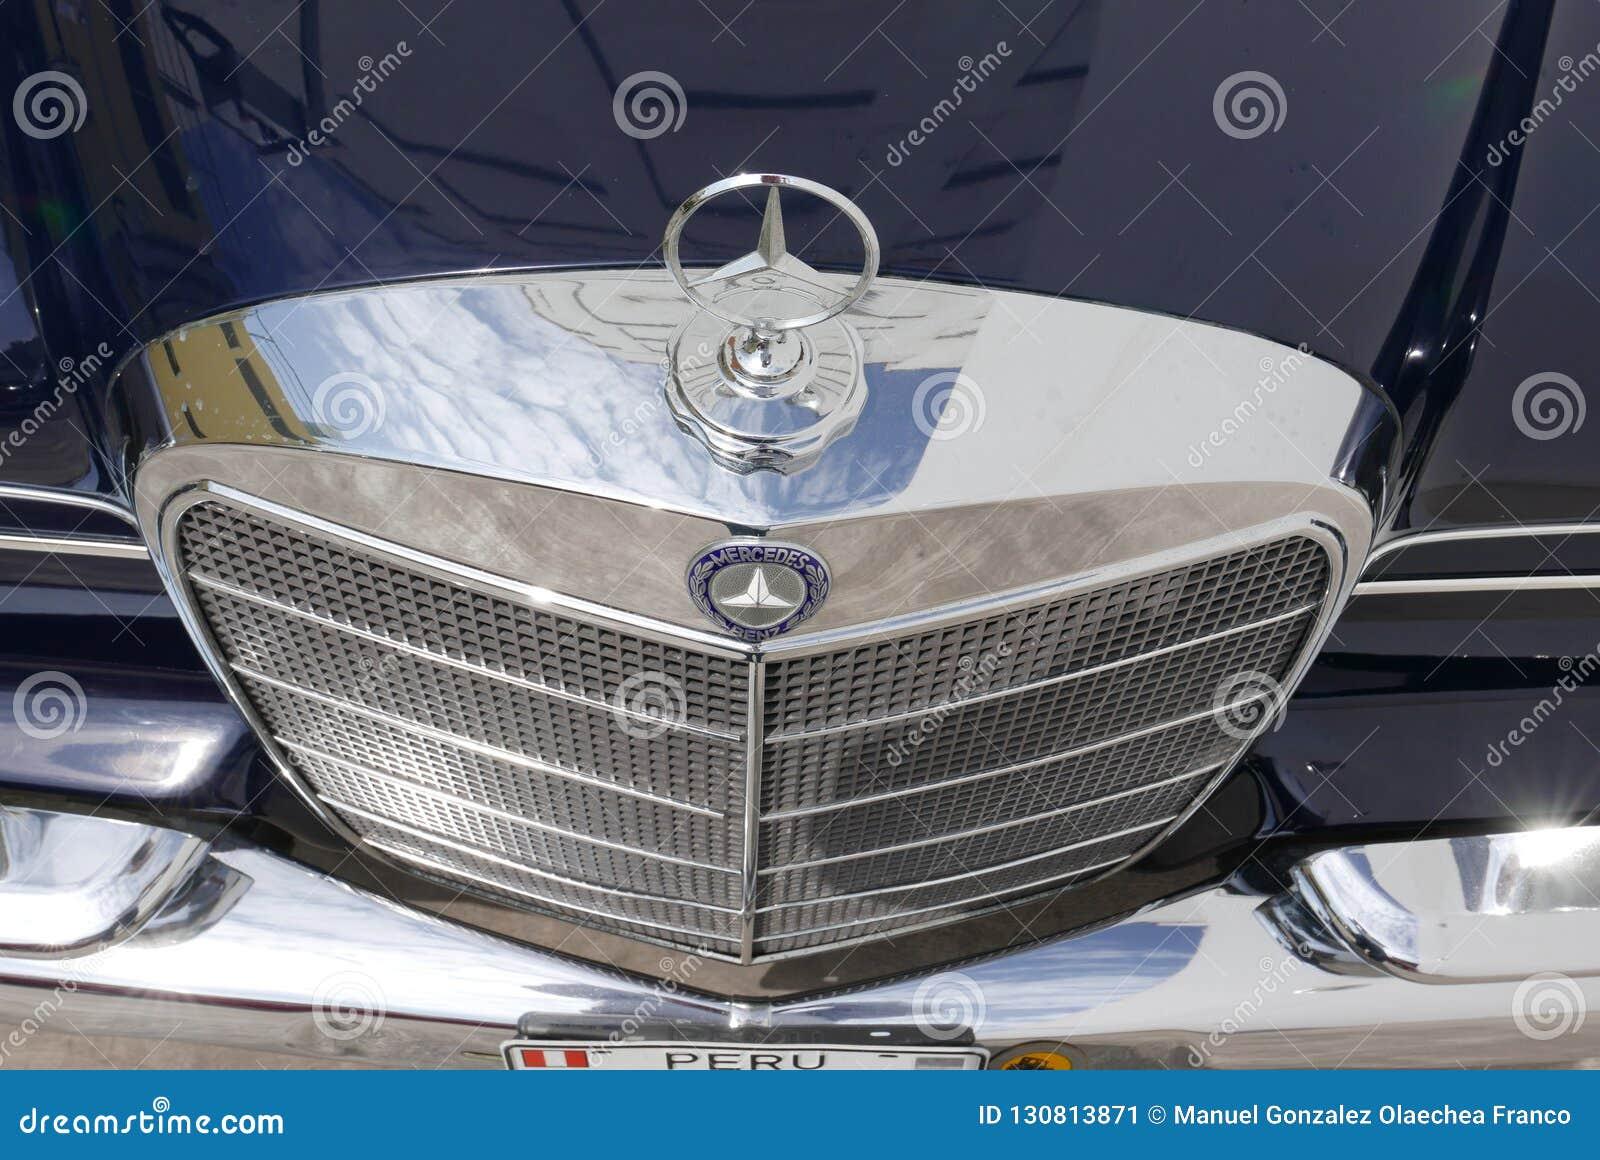 SE l гриль Benz 300 Мерседес хрома показал в Лиме